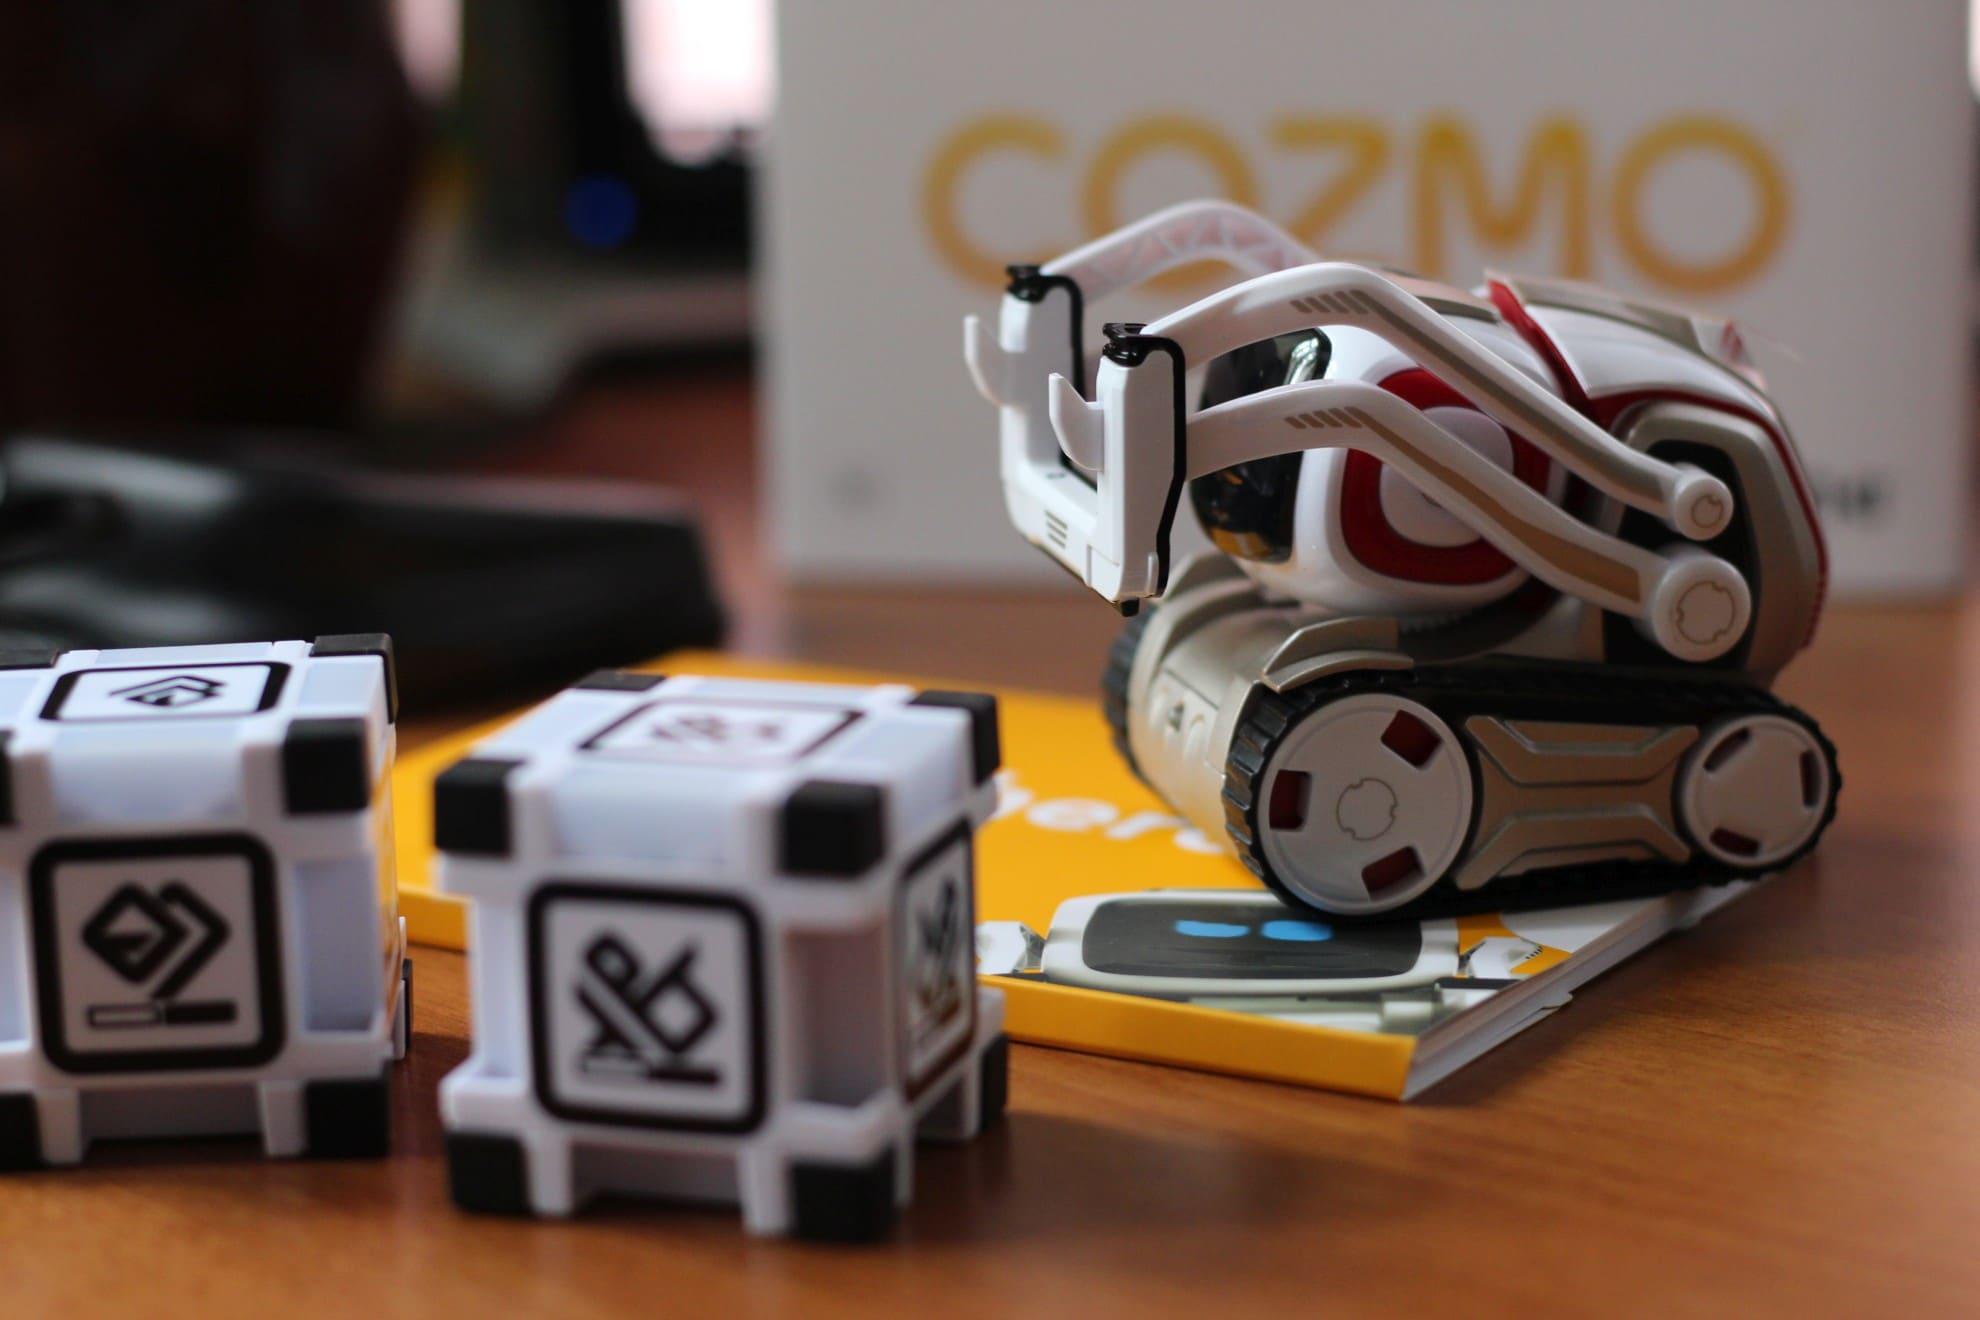 Der süße Anki Cozmo. (Foto: GamingGadgets.de)